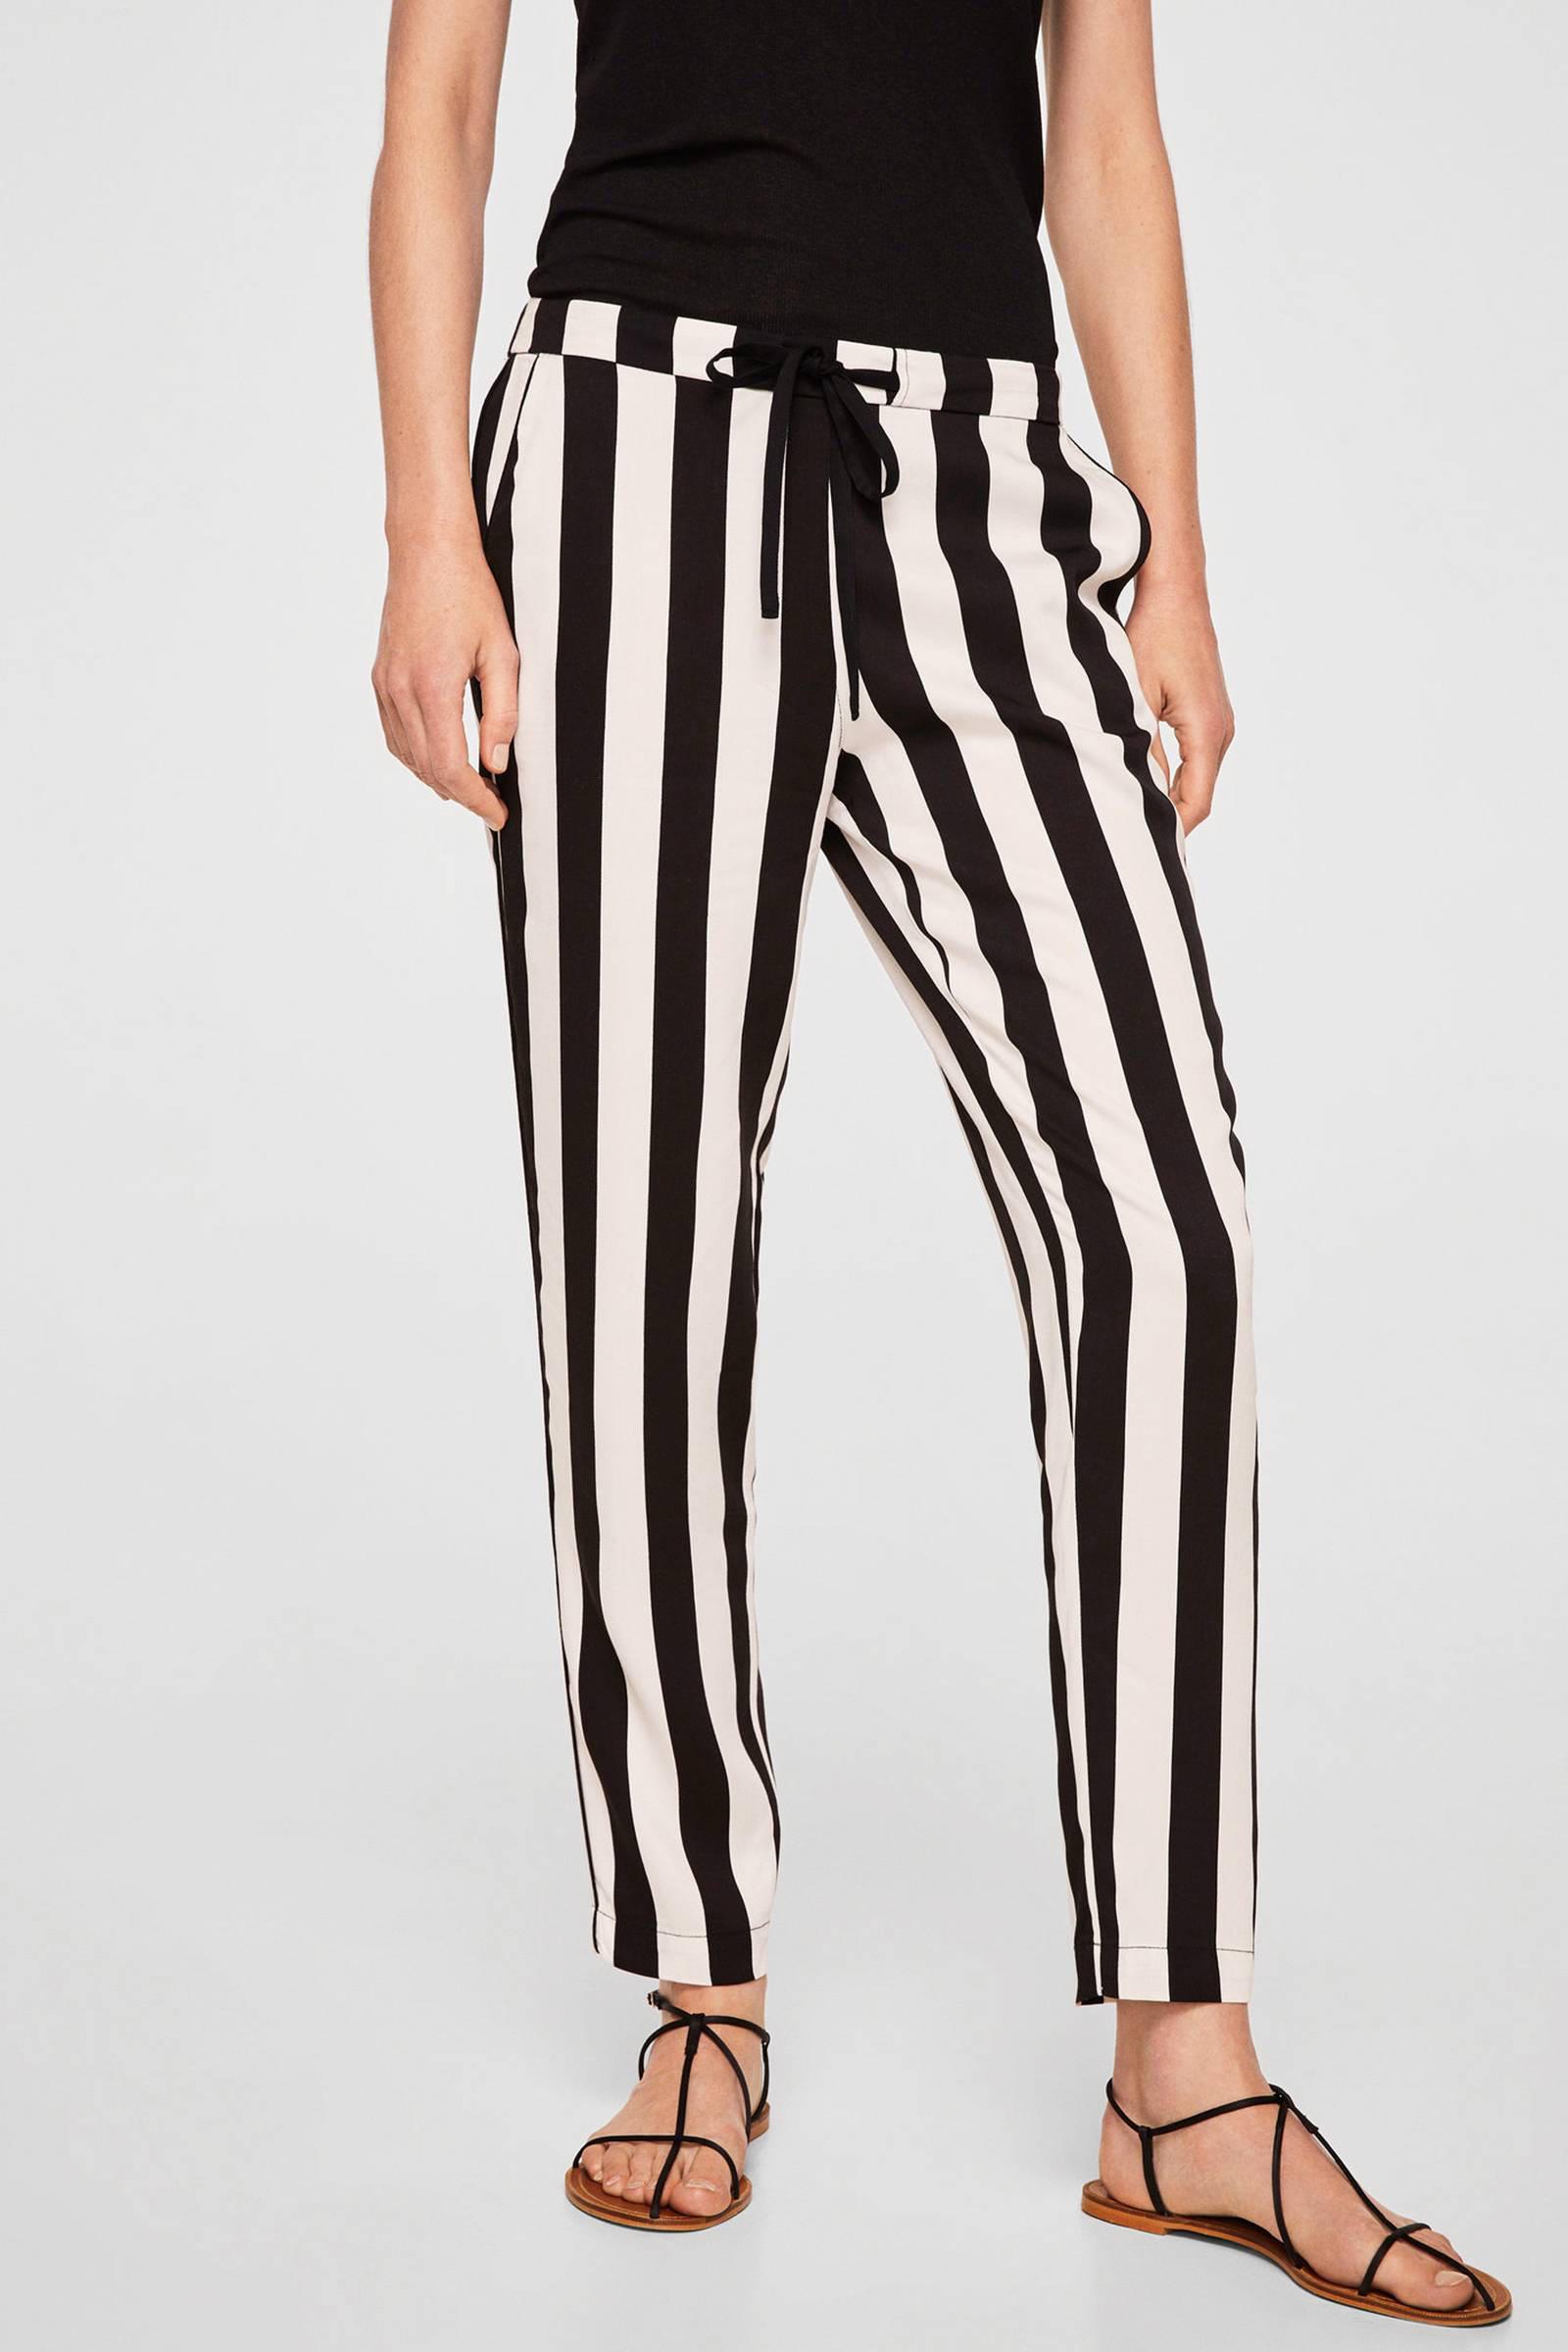 gestreepte broek zwart wit